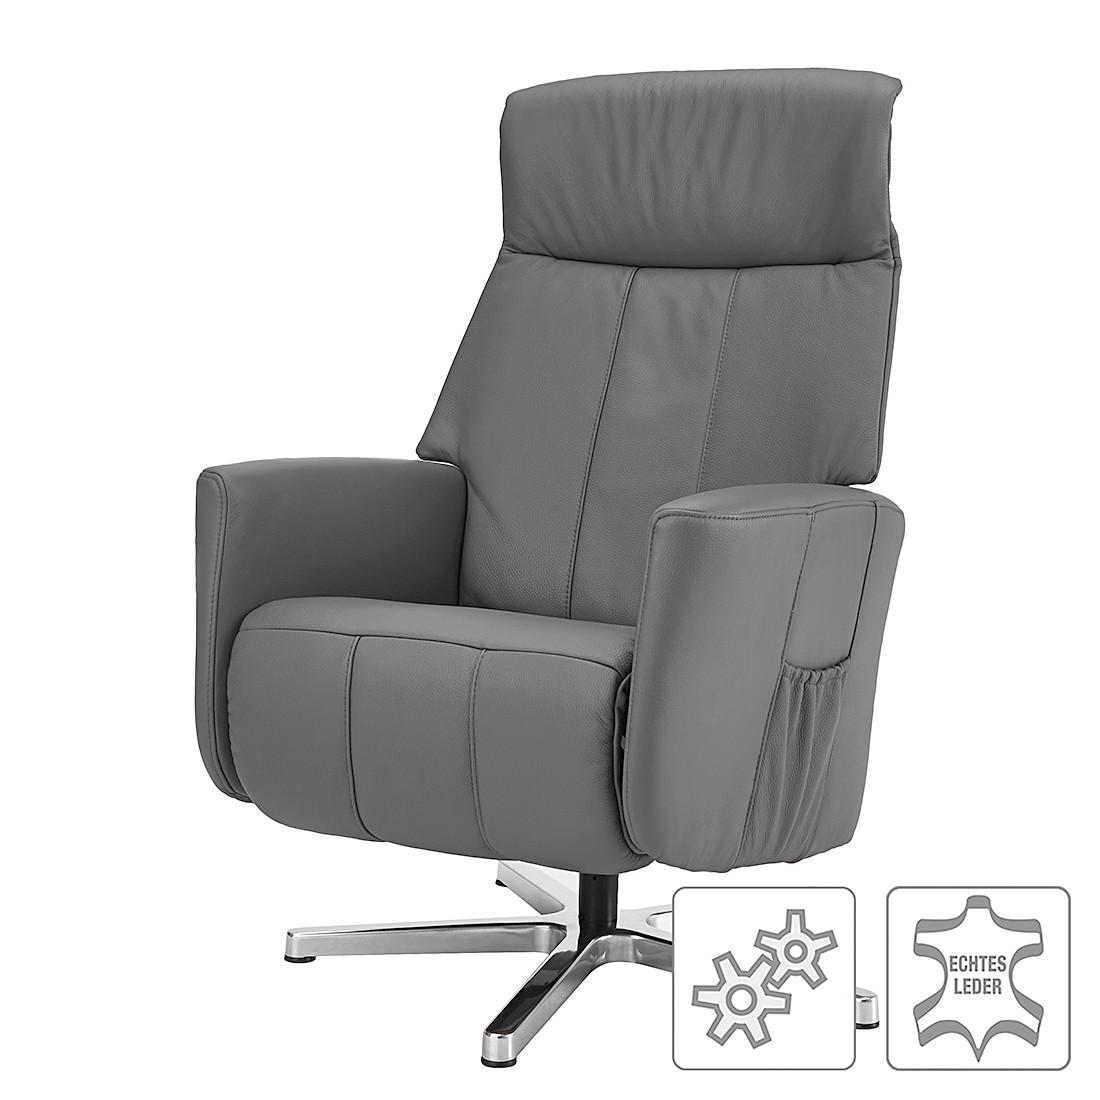 Relaxsessel Wesley – Echtleder – Einmotorige Verstellung – Grau, Nuovoform online kaufen